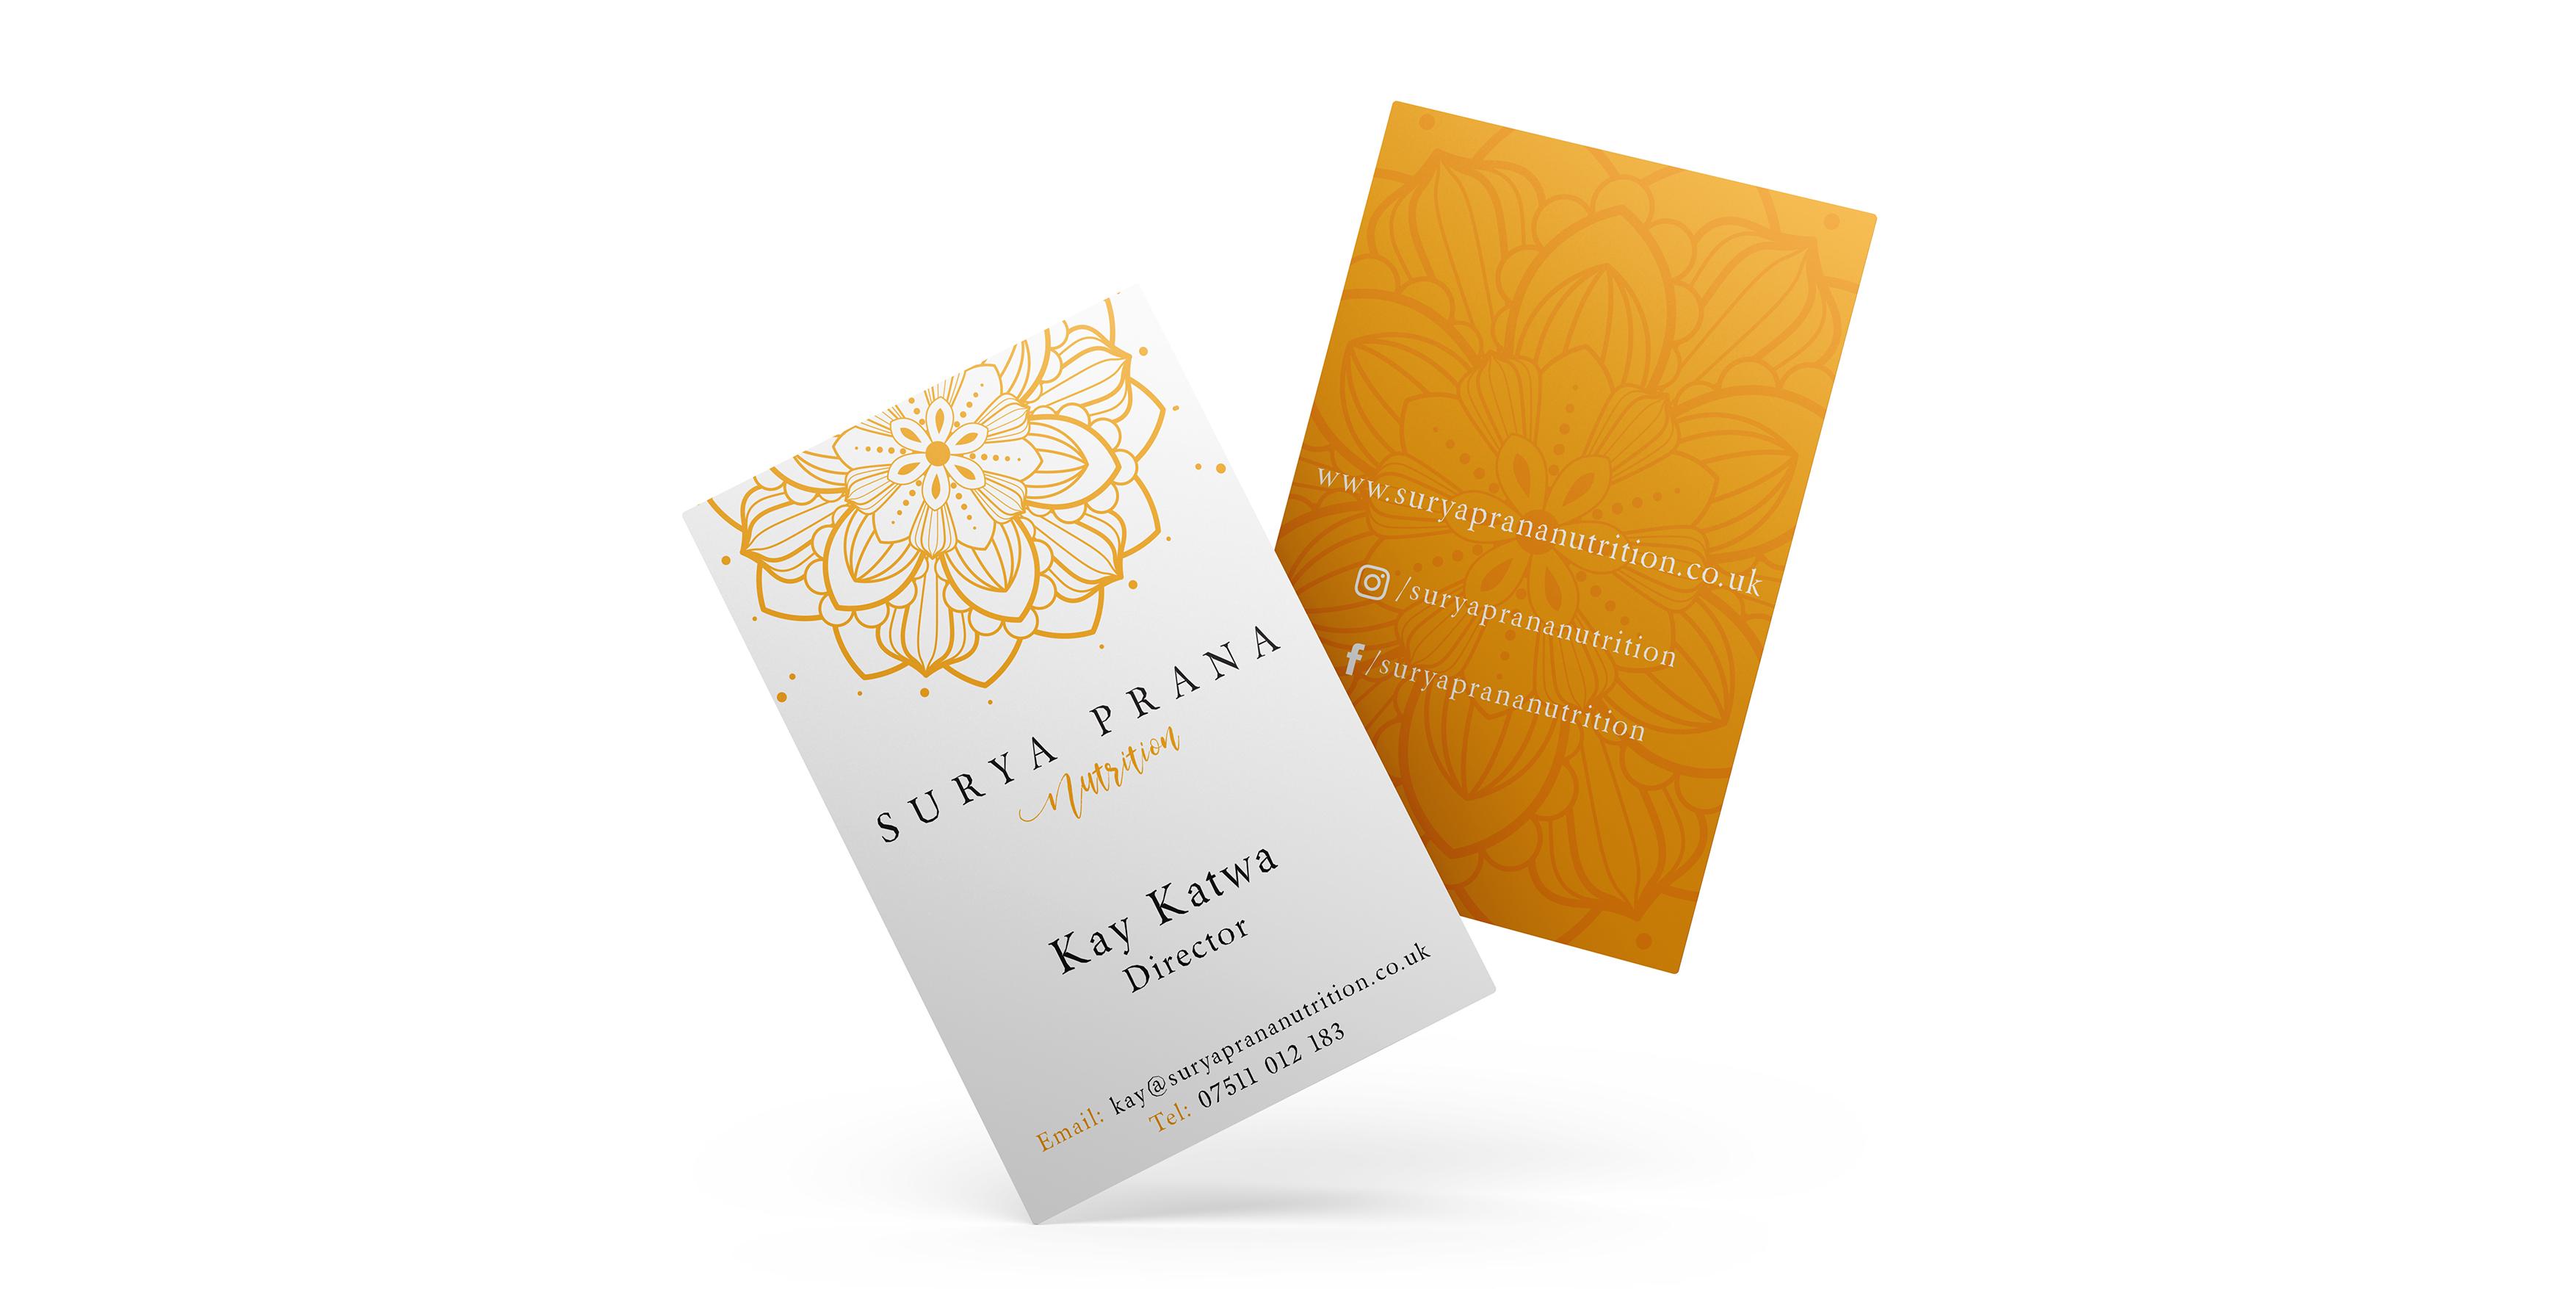 Surya Prana Nutrition Branding Business Cards